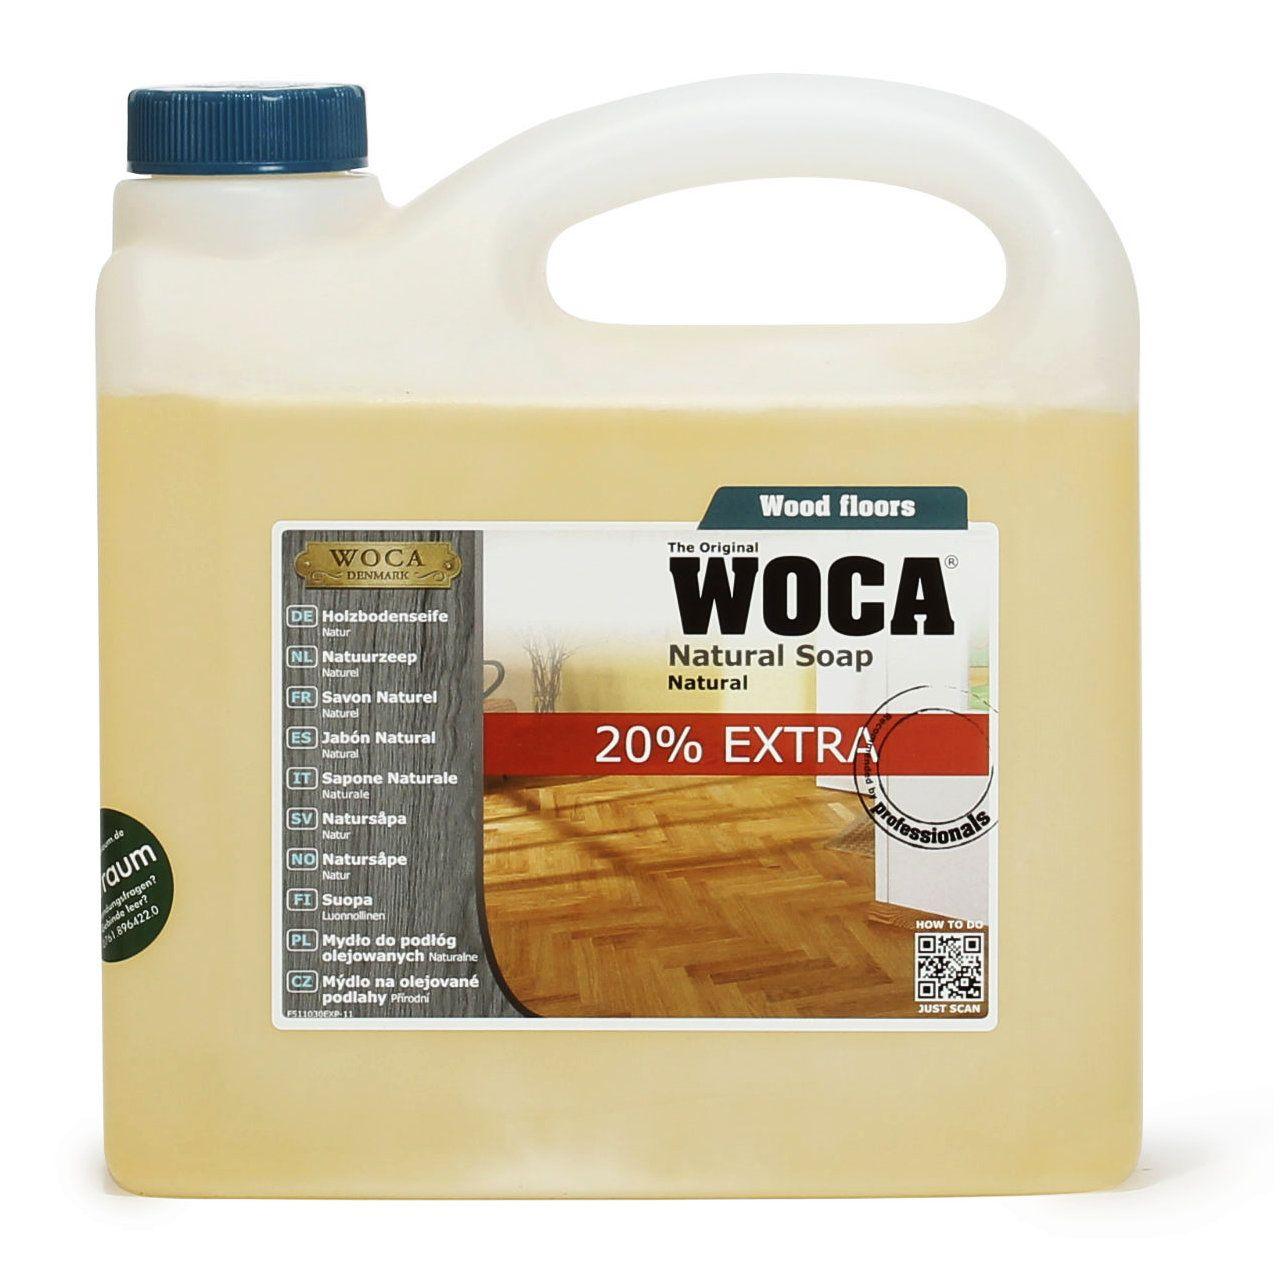 Fabulous Helle Flecken auf geöltem Parkett   WOCA Shop NW35